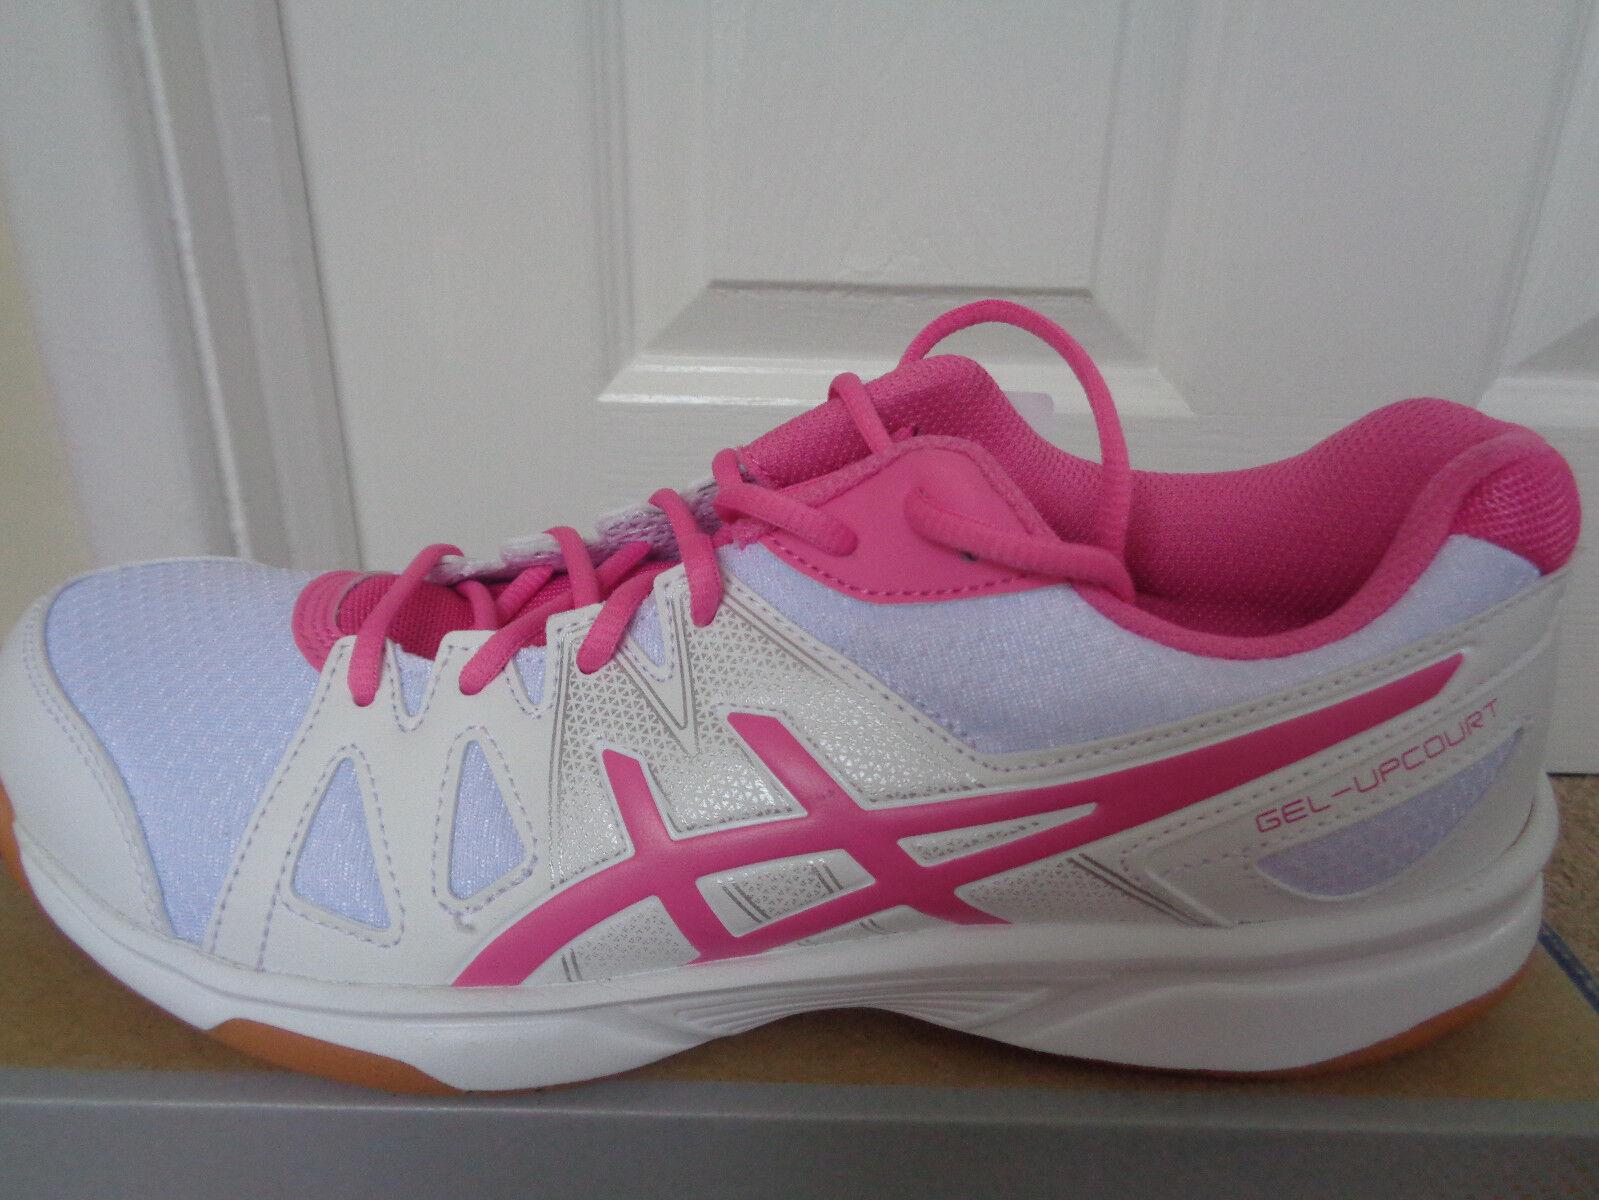 Asics Gel-Upcourt womens trainers shoes B450N 0120 uk 7.5 eu 41.5 us 9.5 NEW+BOX